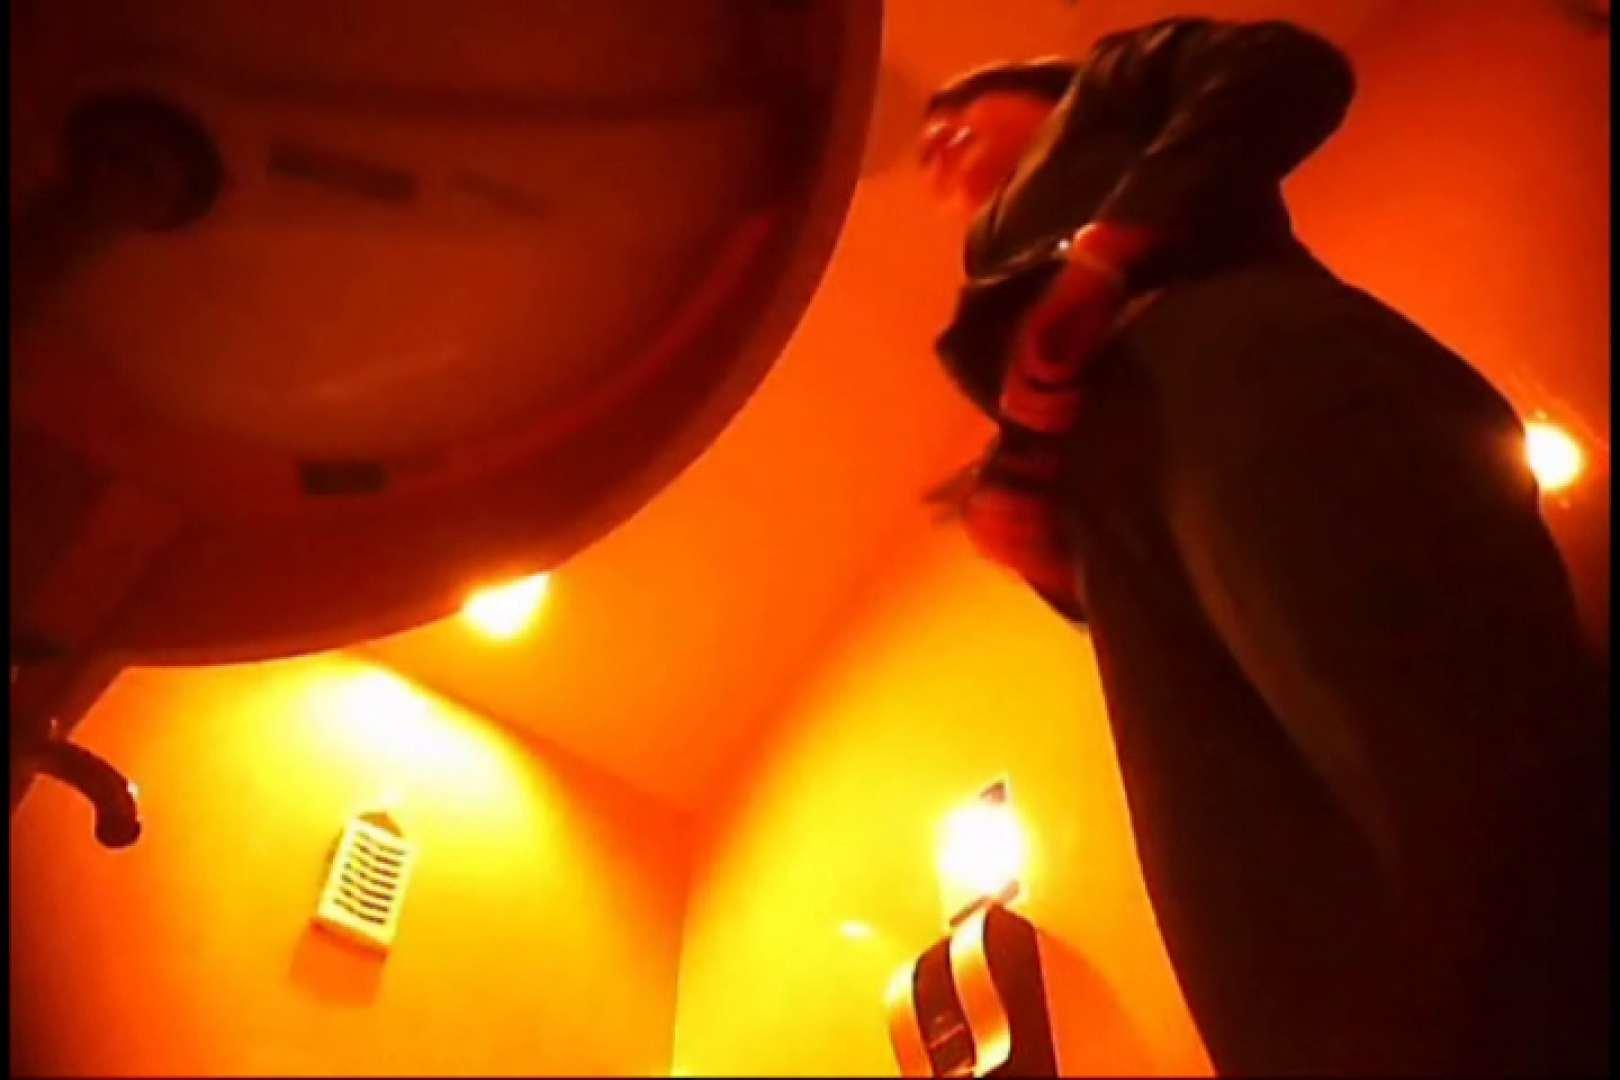 潜入!!女子化粧室盗撮~絶対見られたくない時間~vo,10 お尻 盗み撮りAV無料動画キャプチャ 80画像 52